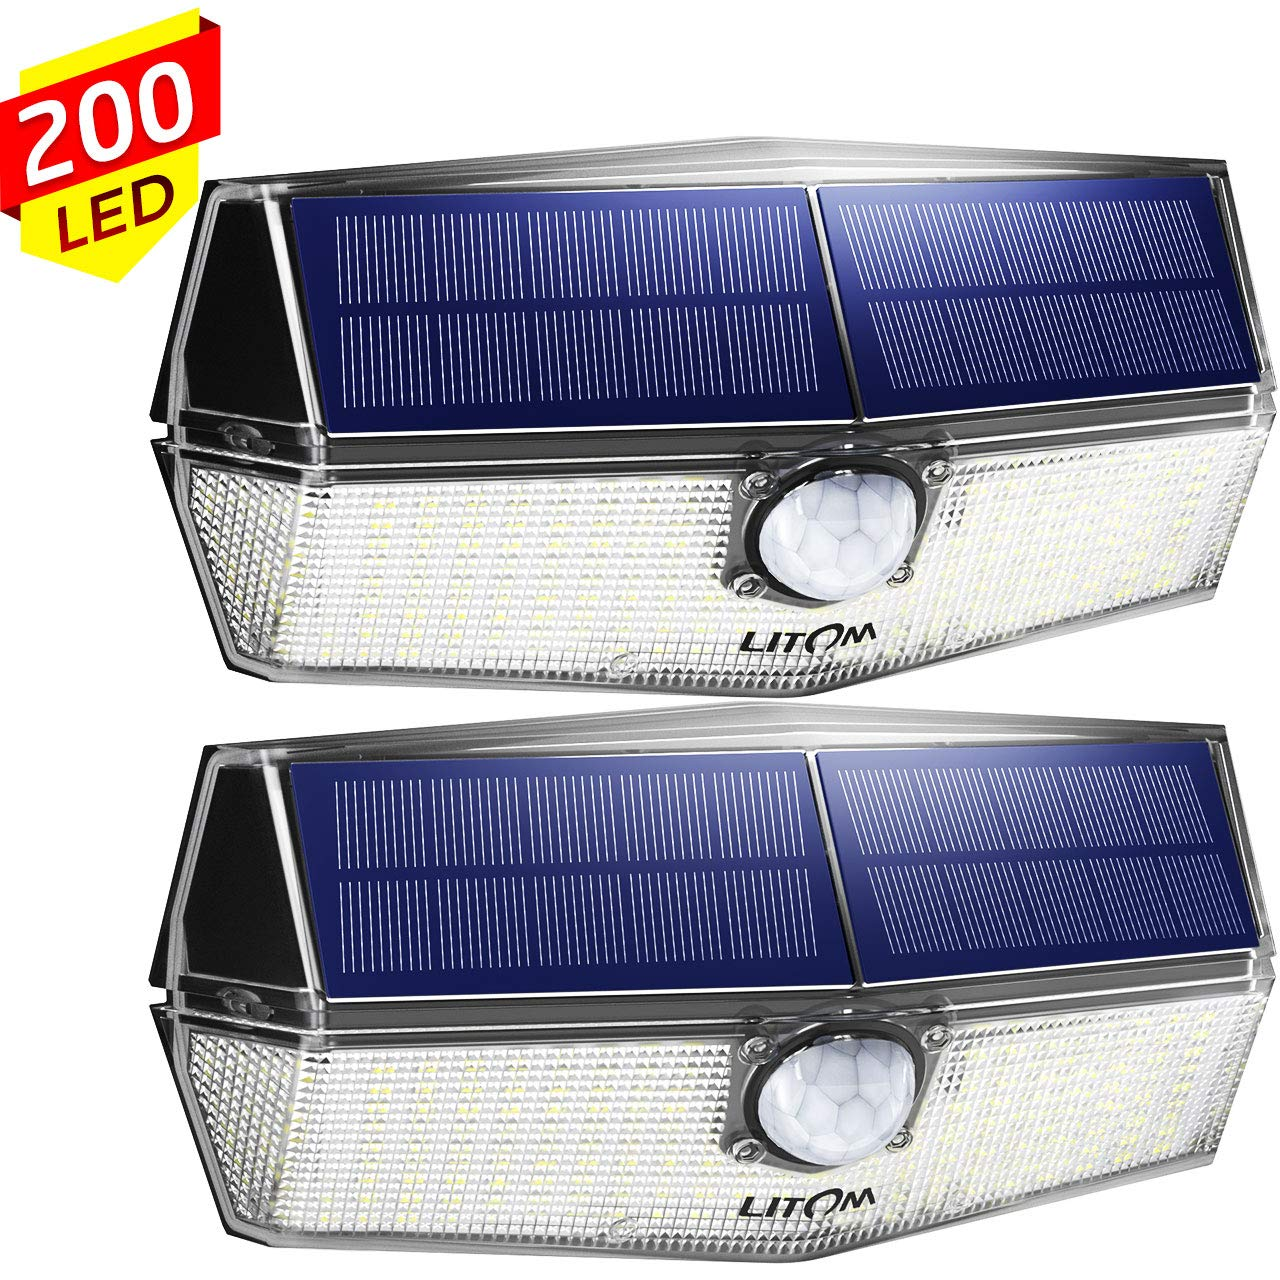 200 LED Solarlampen für außen【Neueste Version】LITOM Solarleuchten